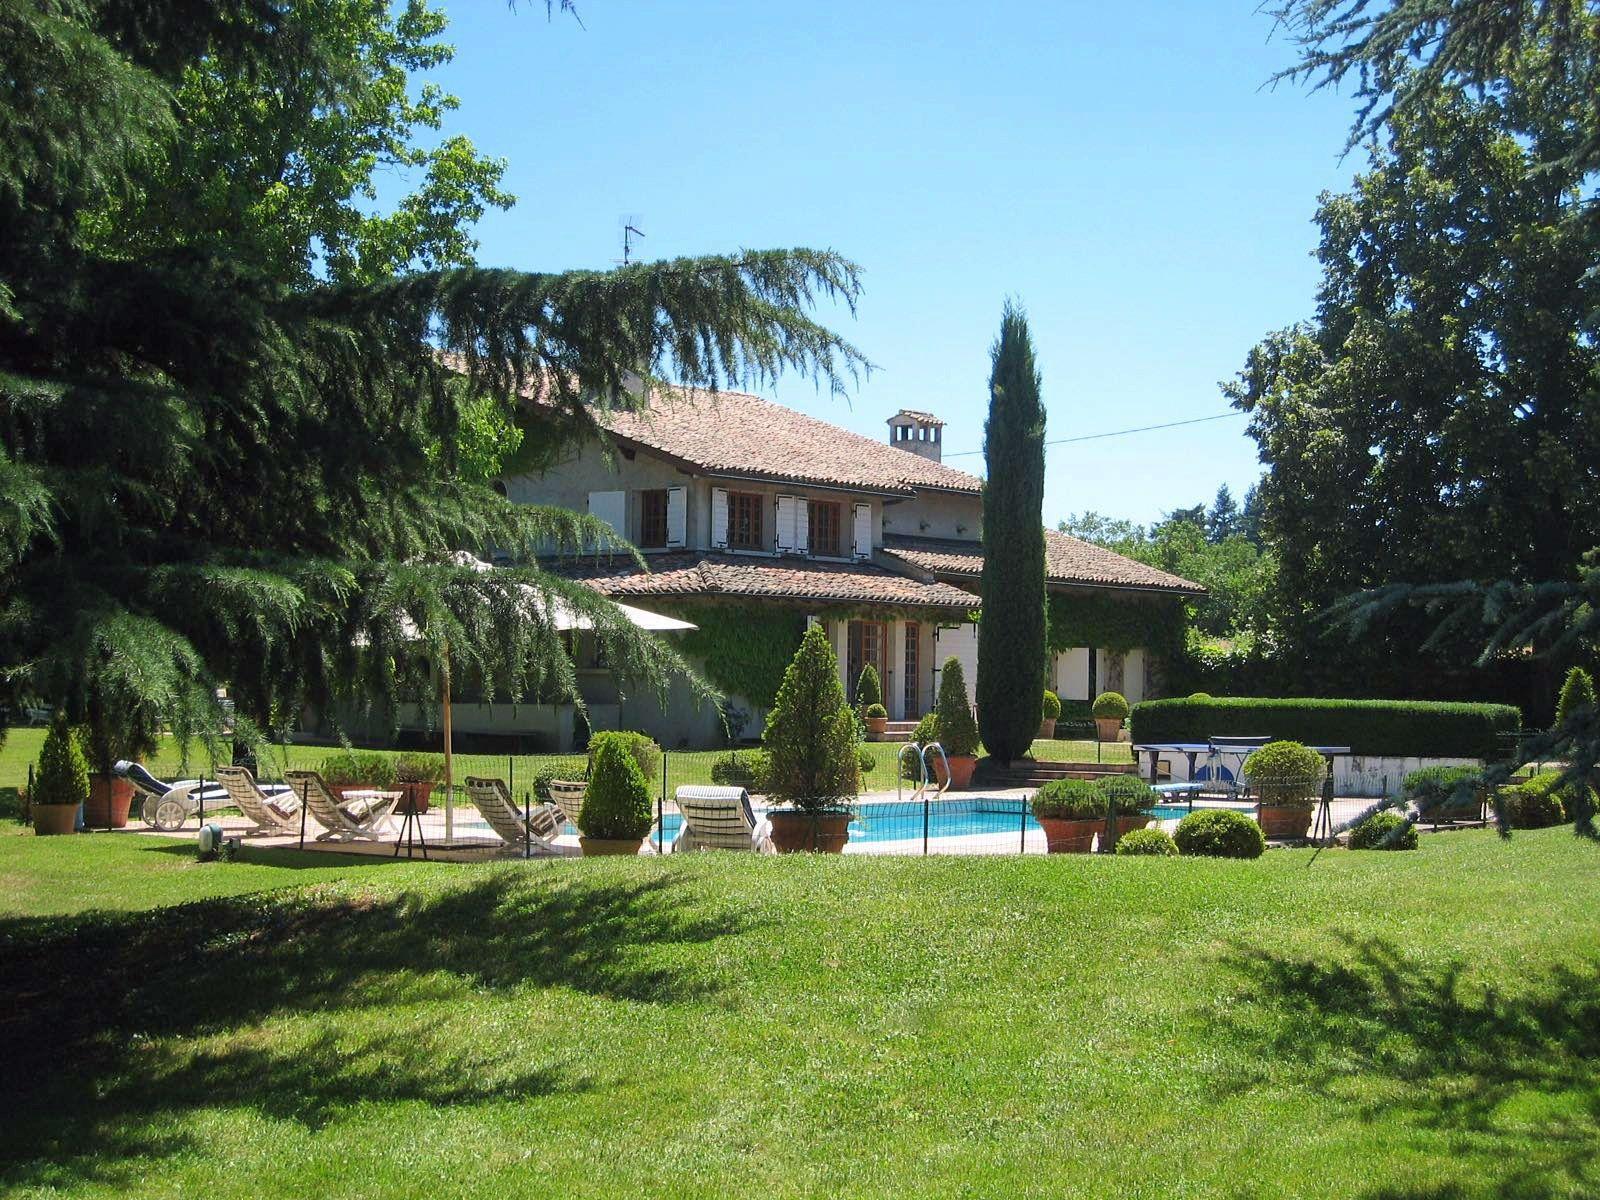 Vends grande et belle maison familiale à 30minutes de Lyon - 7chambres, 320m²